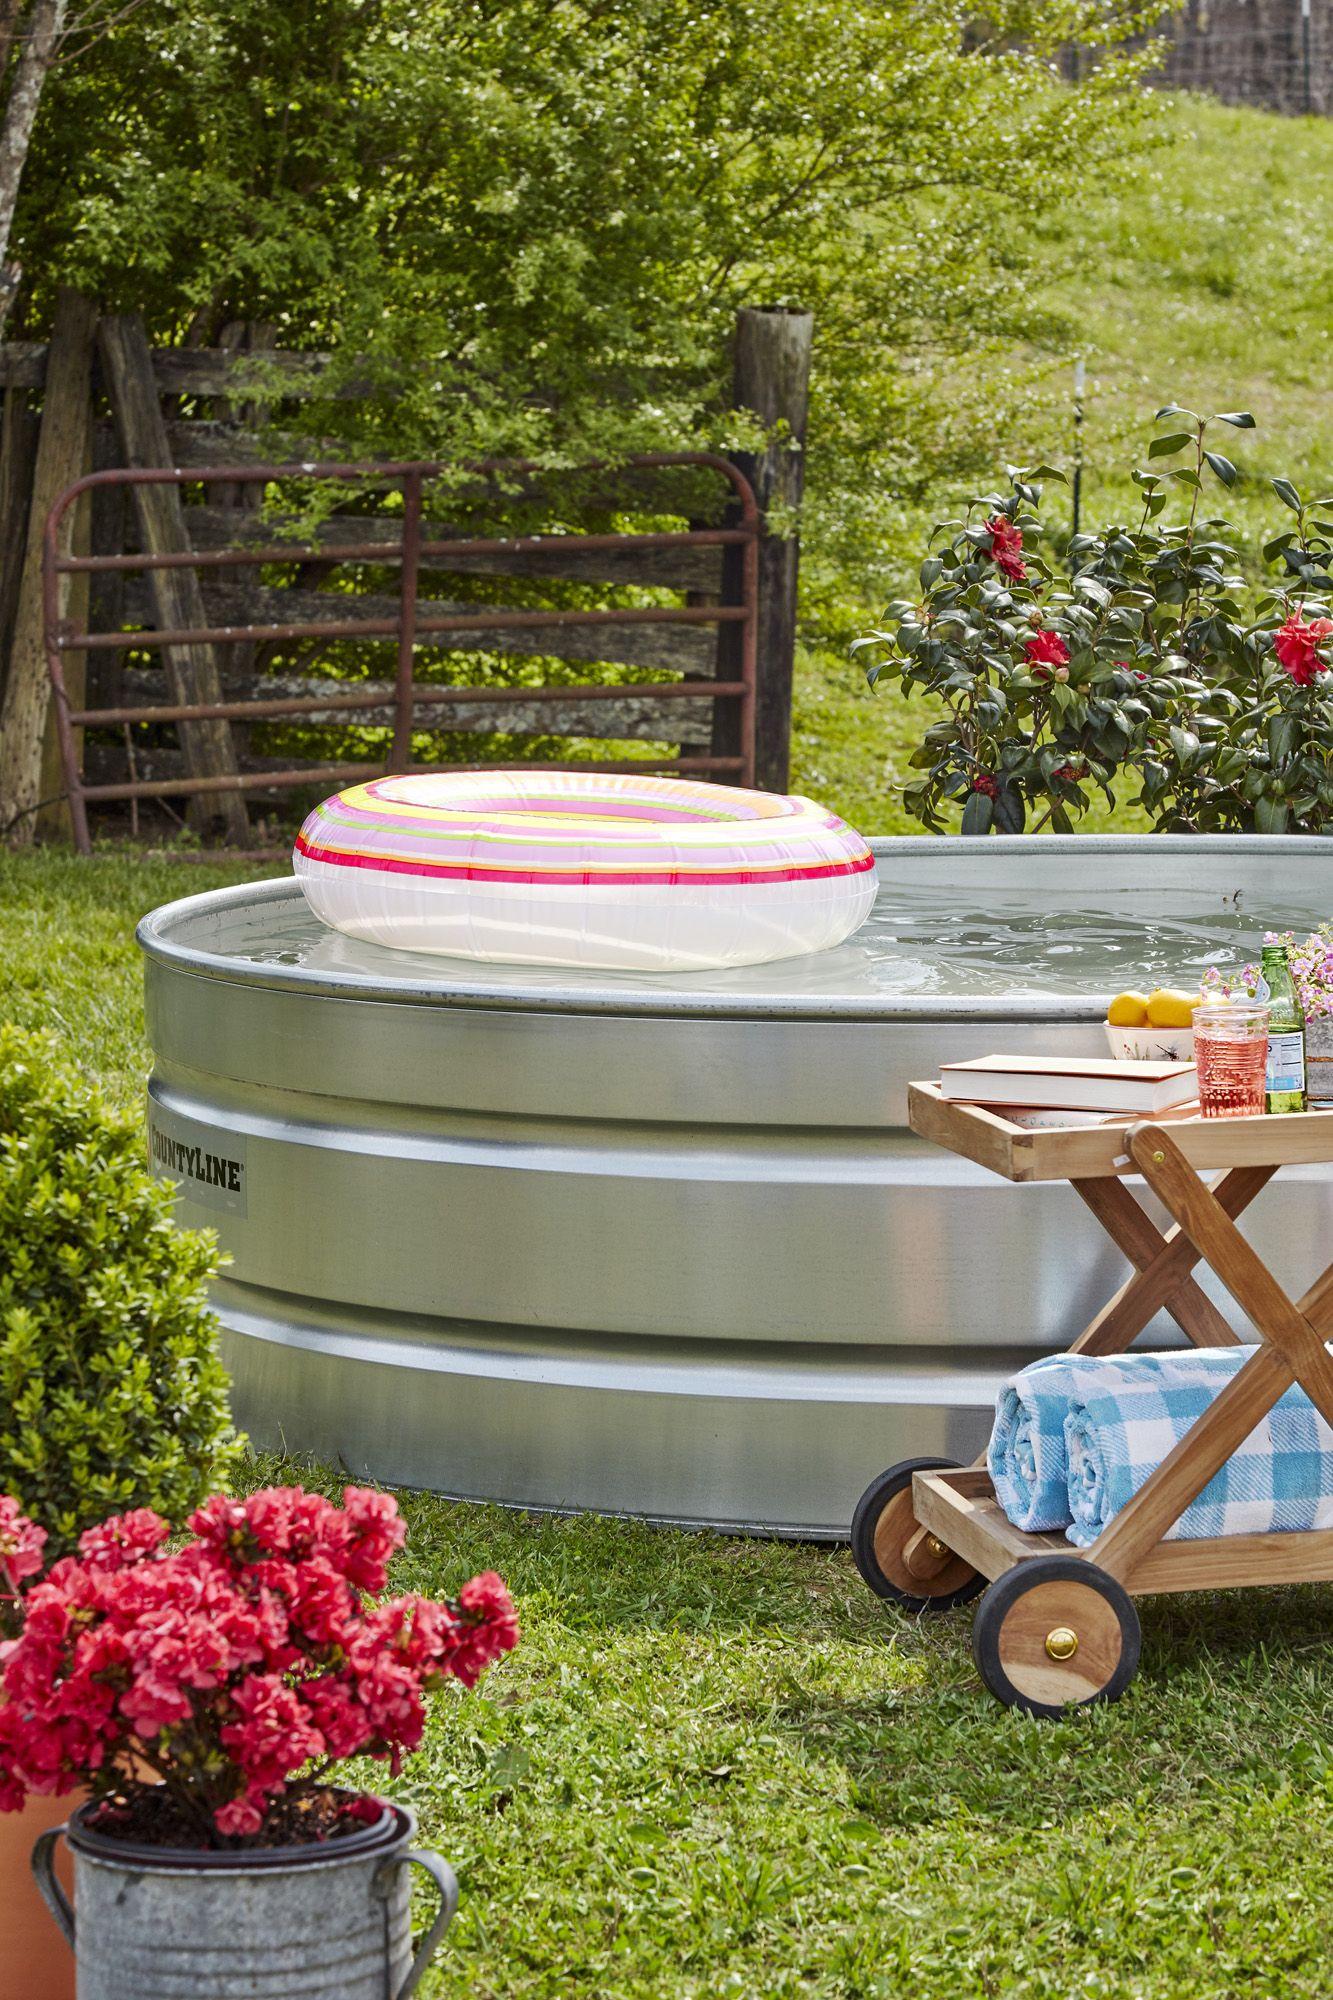 backyard ideas - easy diy